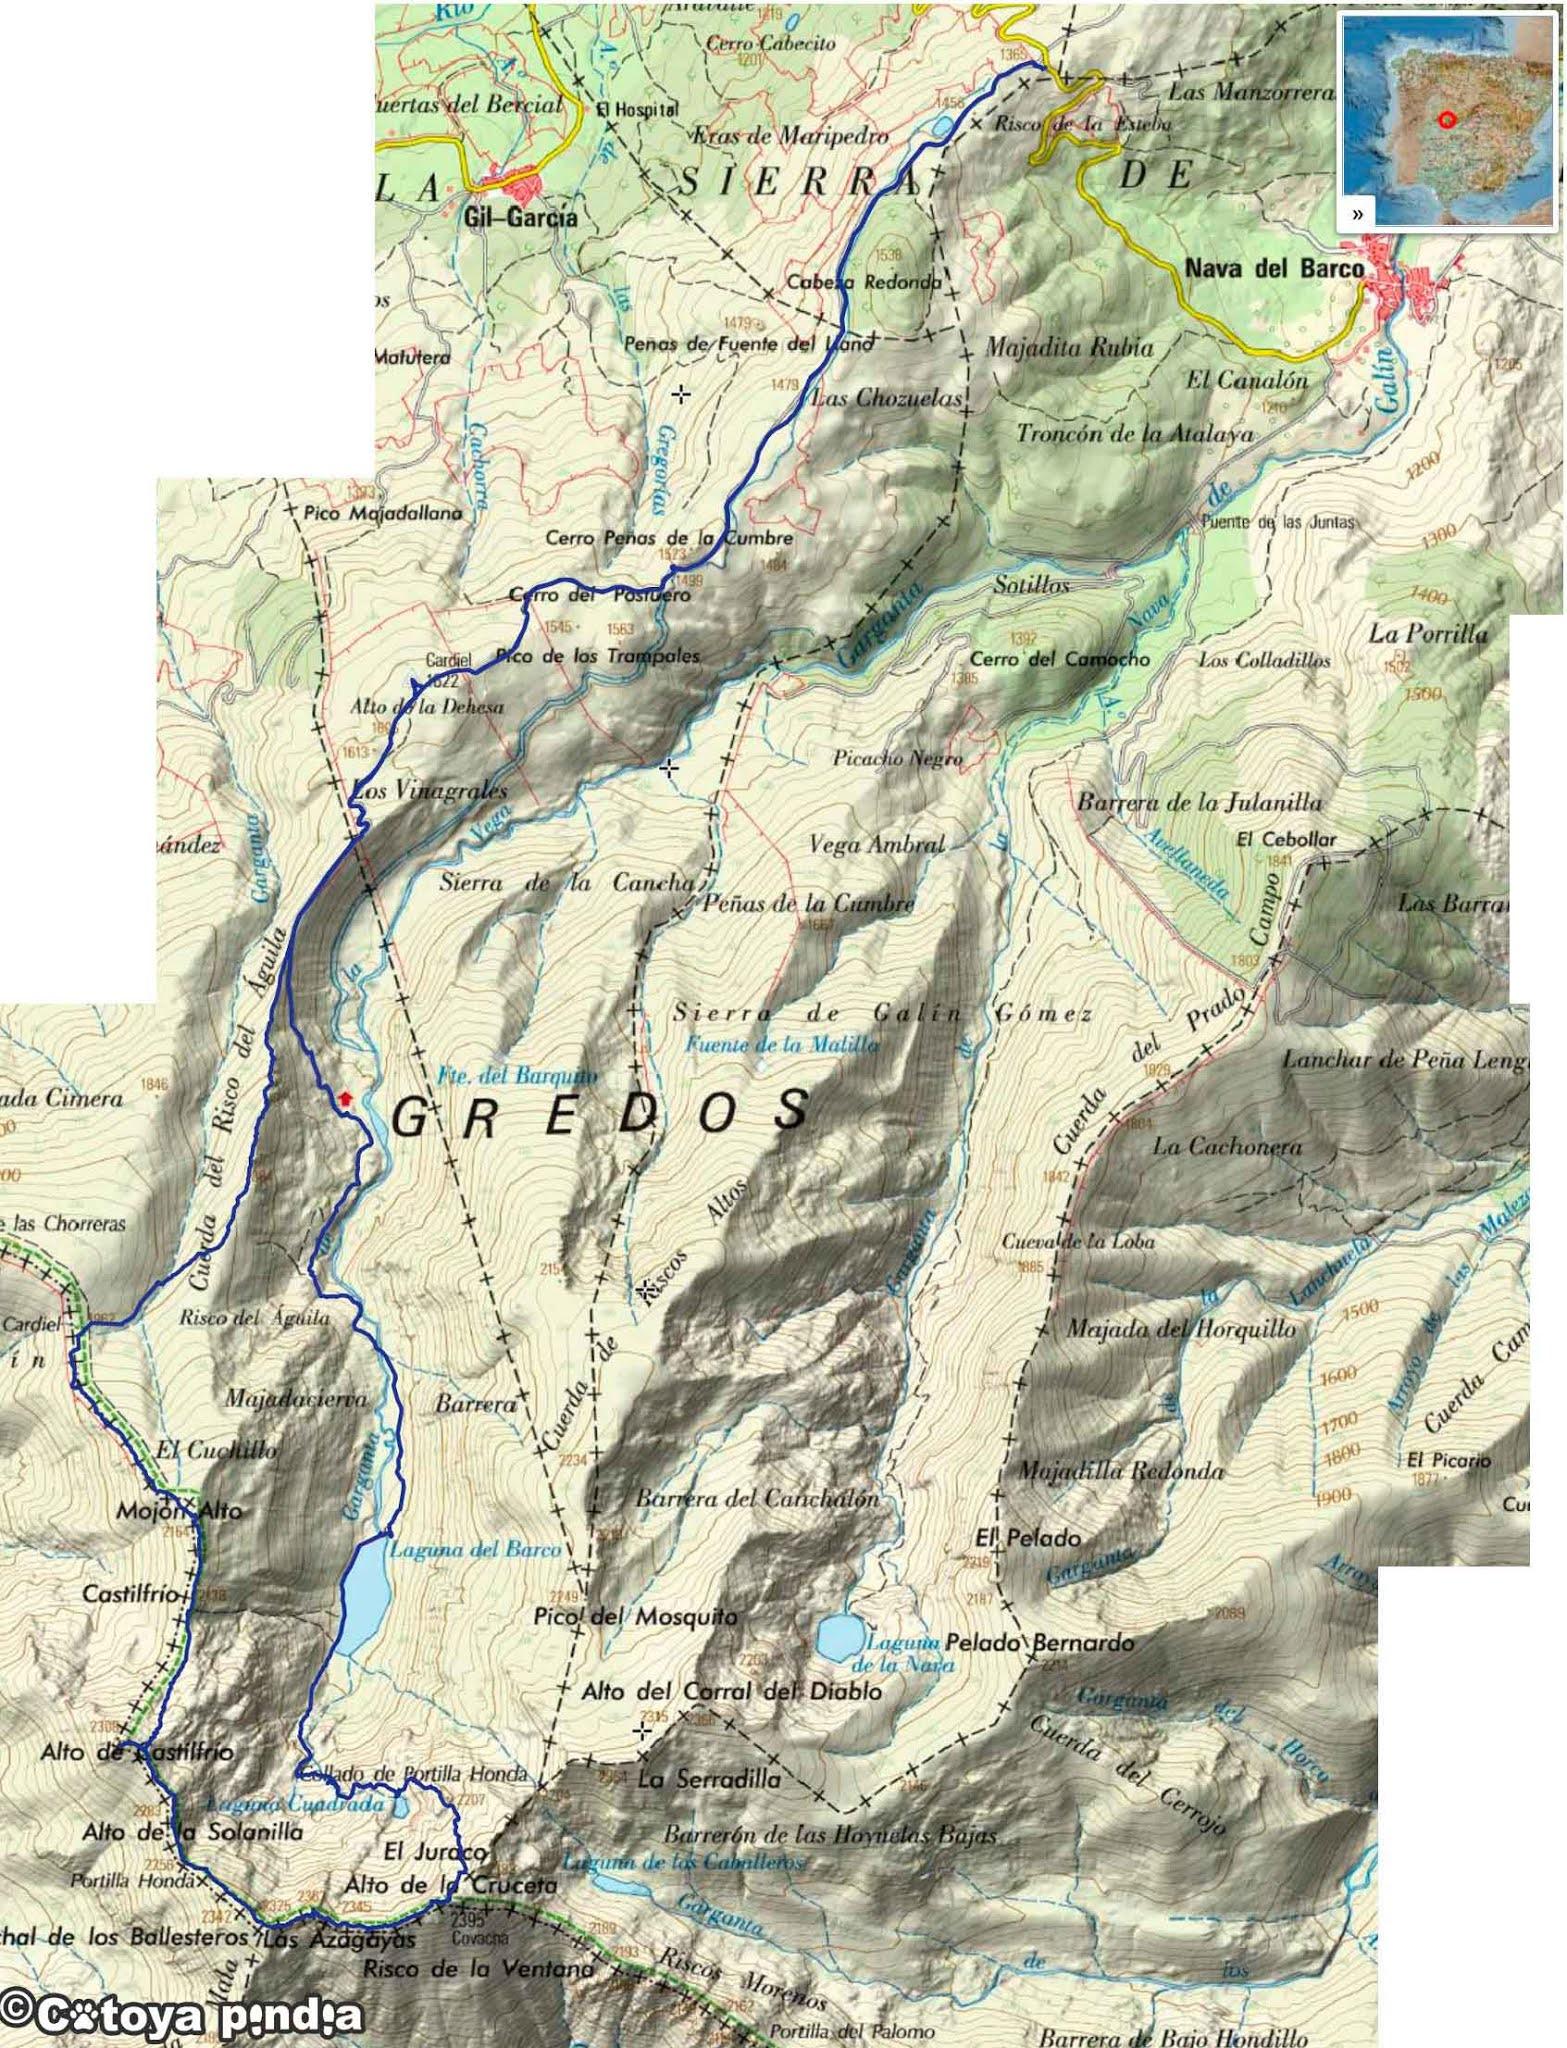 Mapa IGN de la ruta a la Laguna del Barco y Cuadrada, pasando por la Covacha y la Azagaya en la Sierra de Gredos.